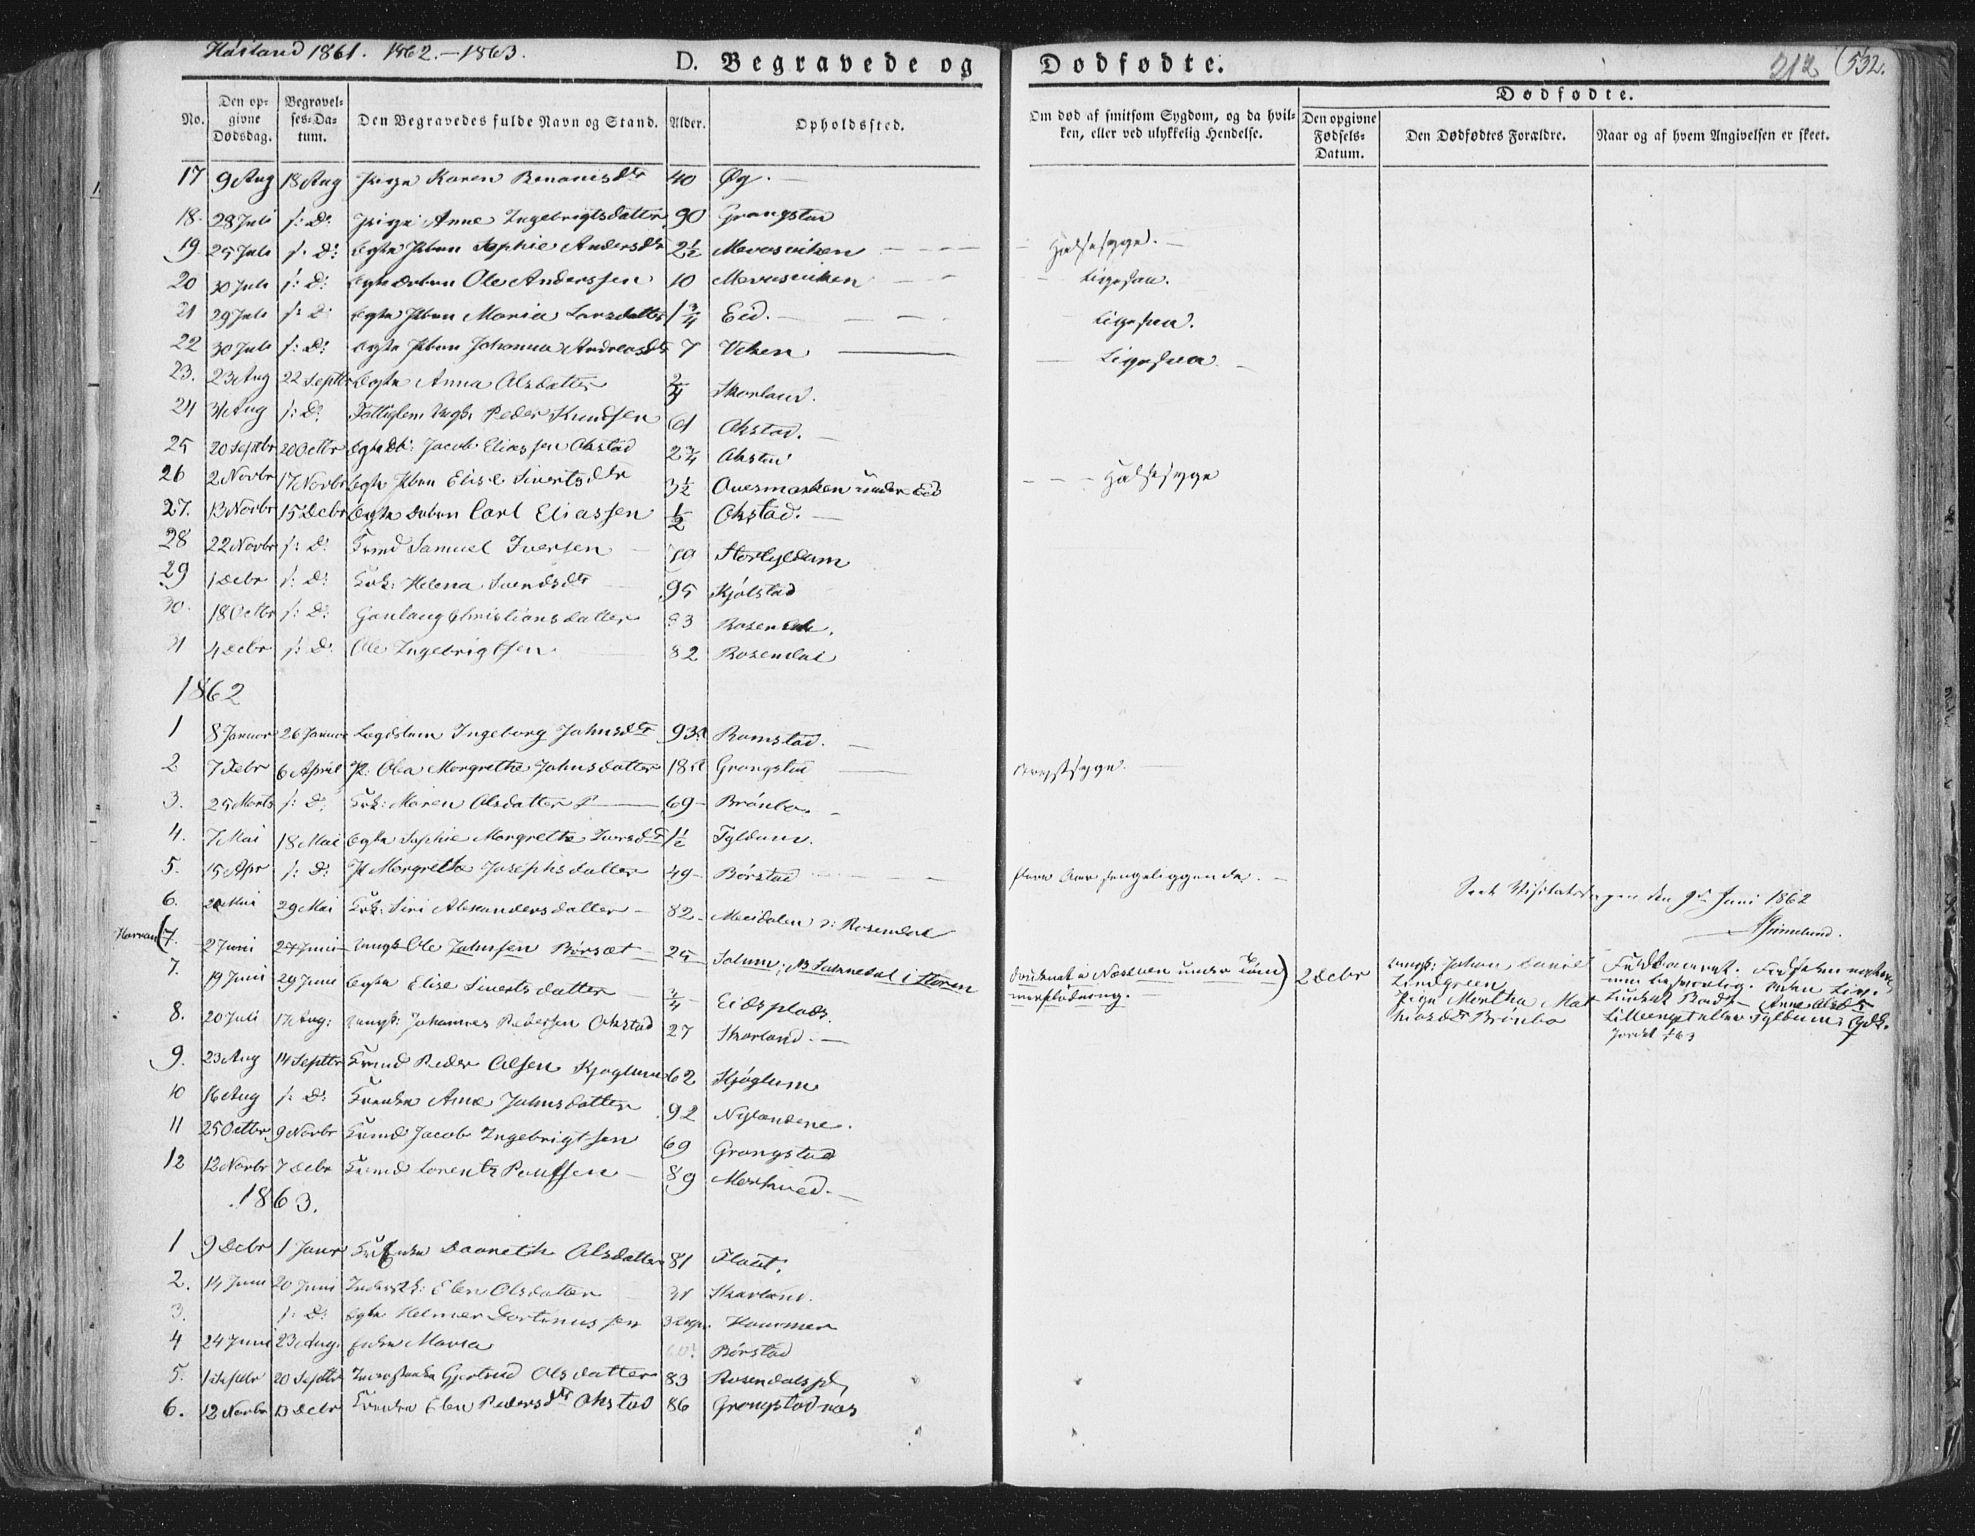 SAT, Ministerialprotokoller, klokkerbøker og fødselsregistre - Nord-Trøndelag, 758/L0513: Ministerialbok nr. 758A02 /2, 1839-1868, s. 212